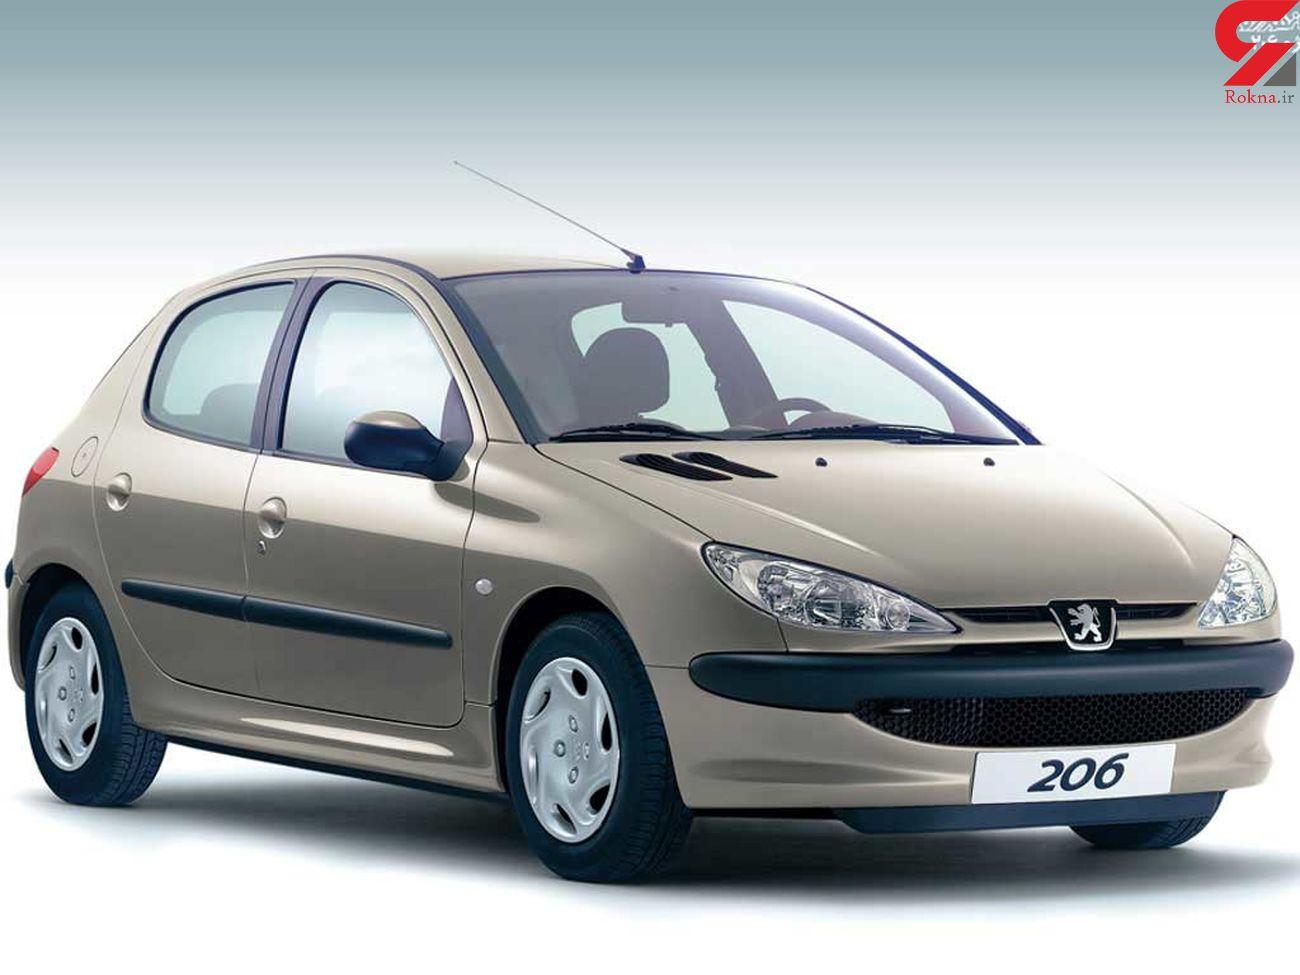 قیمت پژو 206 ، سمند ال ایکس، رانا، تیبا و دیگر خودروها در بازار